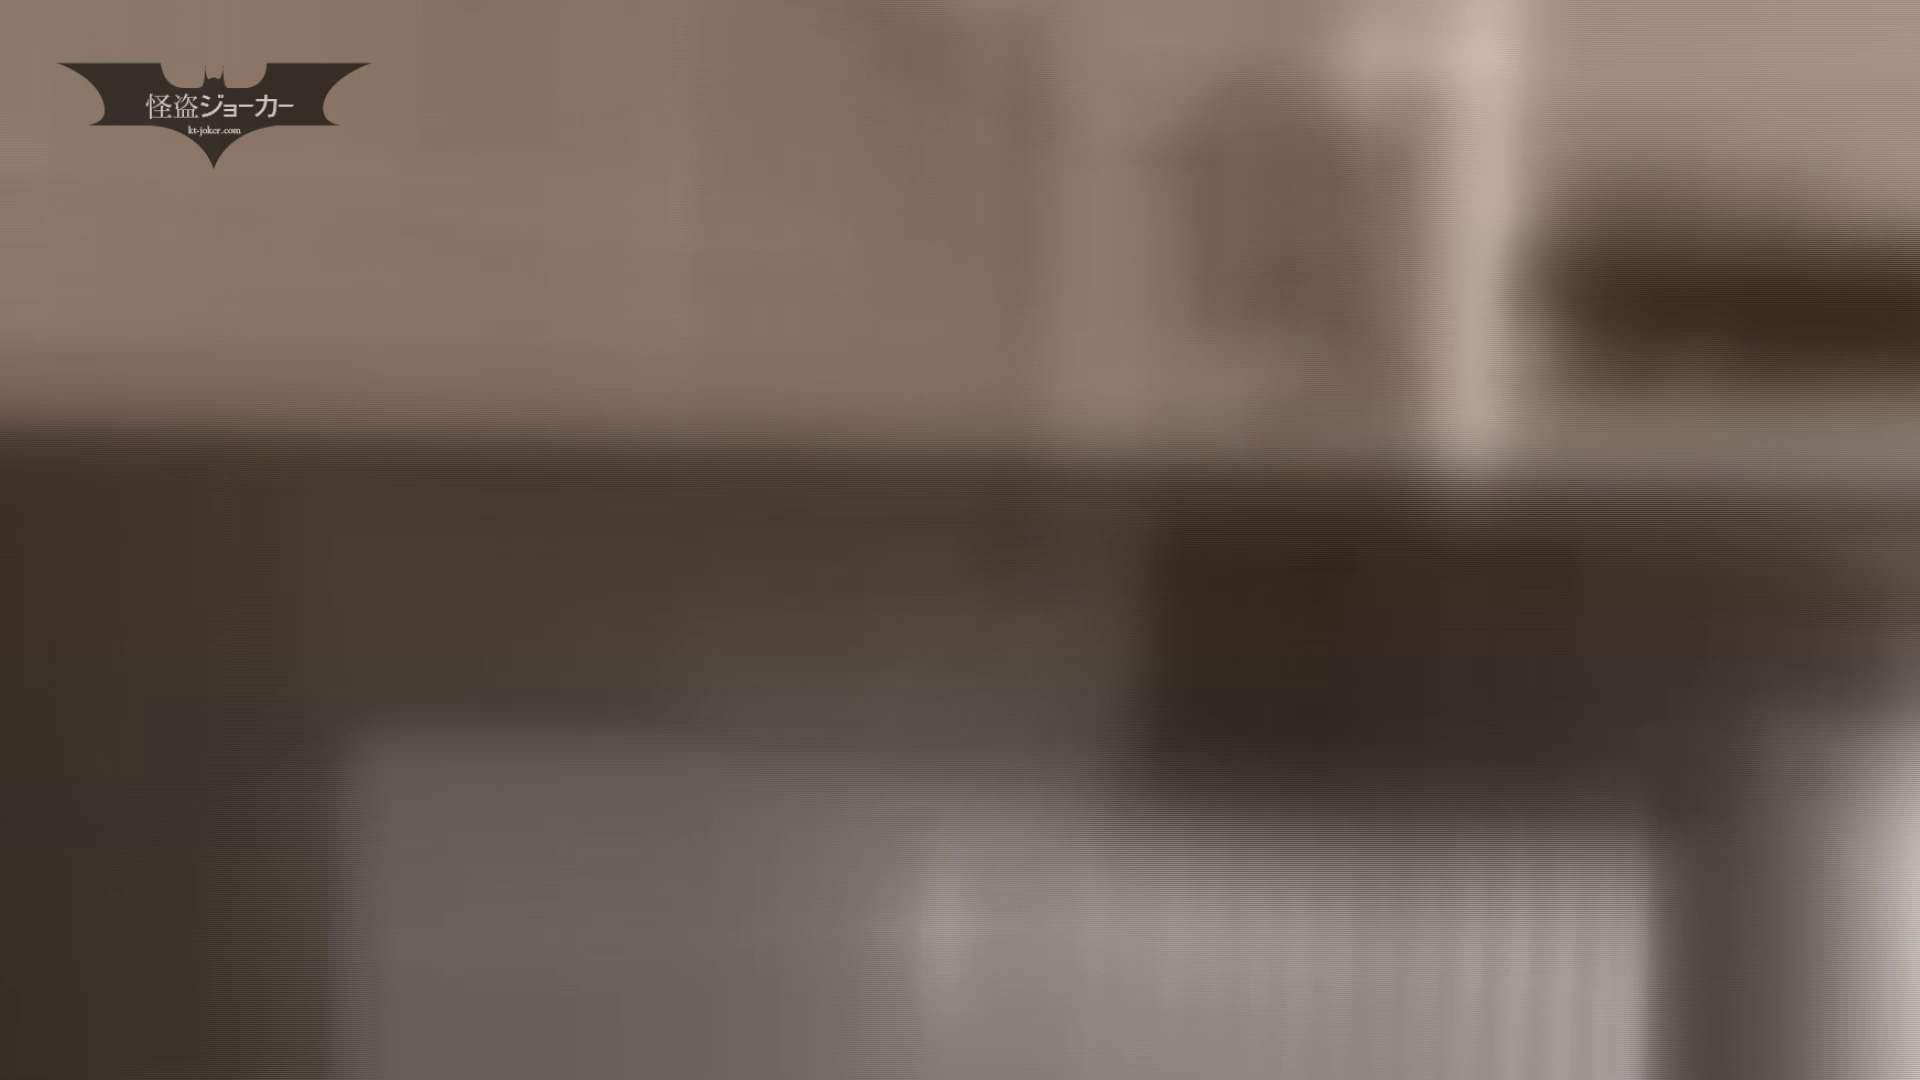 ヒトニアラヅNo.10 雪の様な白い肌 女体盗撮 盗み撮りAV無料動画キャプチャ 63連発 14